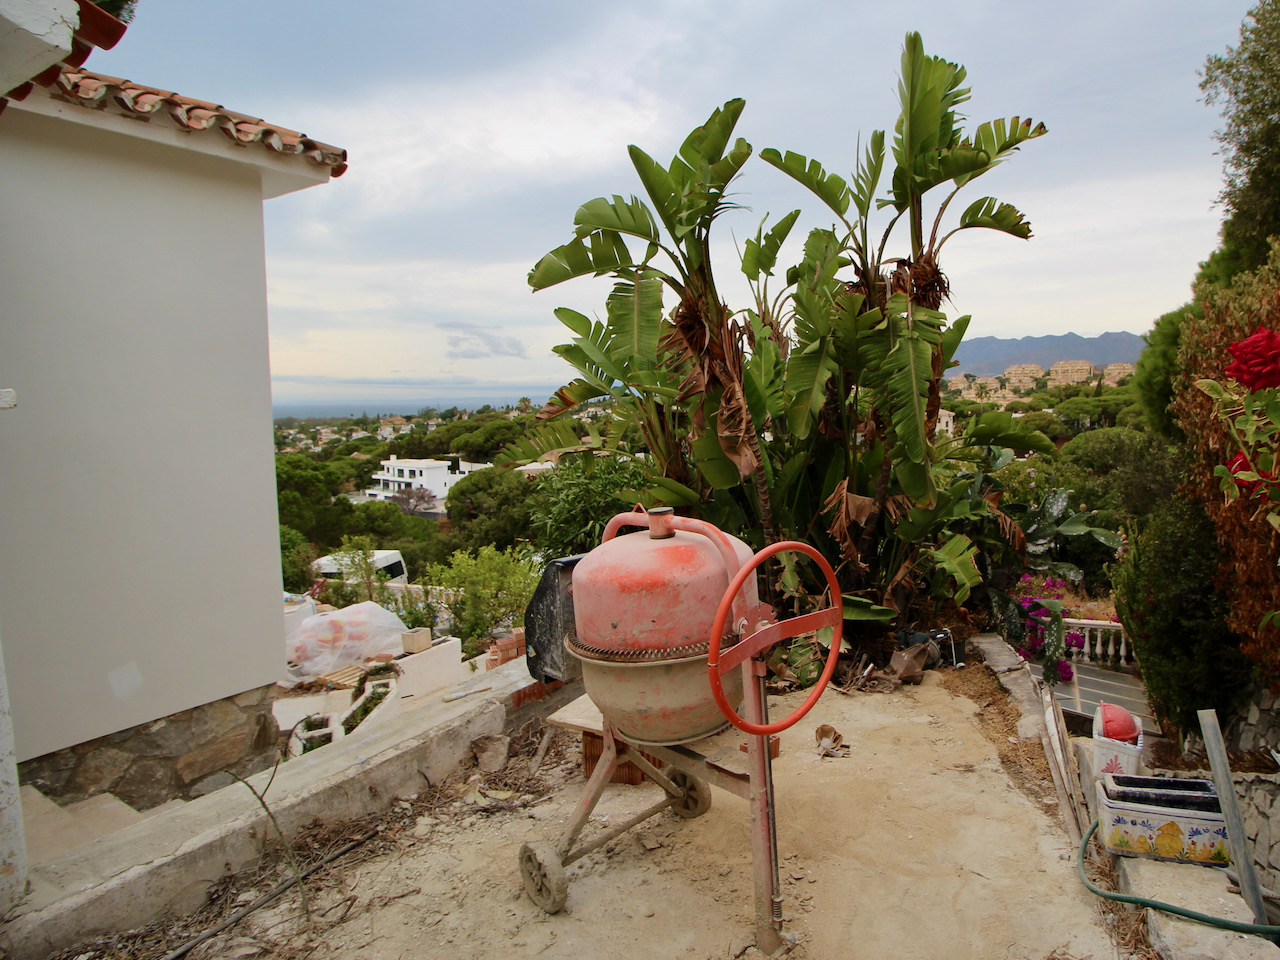 Umbau Marbella - Goestl Wolfgang Reformas y Construcciones